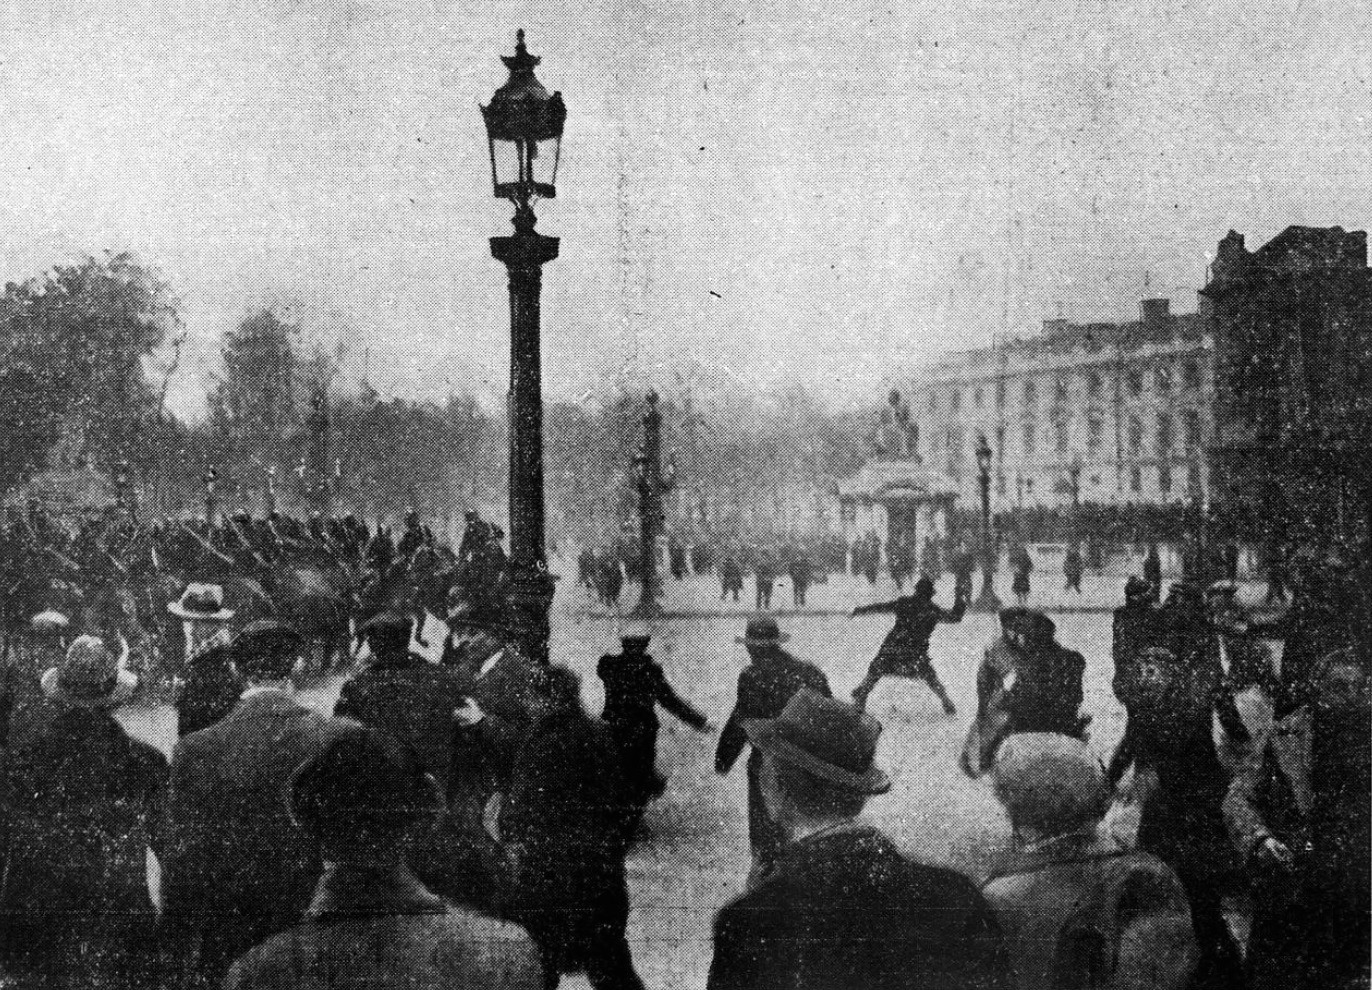 """""""Onsdag [7. februar] er der igen sammenstød om eftermiddagen mellem beredet og bevæbnet politi og demonstranter ved the Place de la Concorde i Paris. Her er et billede taget på det tidspunkt, da rytterne trængte de protesterende tilbage"""". Dato 1934. Kilde L'Ouest-Éclair, republikansk avis om morgenen, nr. 13609, 9. februar 1934. Foto: Ukendt. Public Domain."""